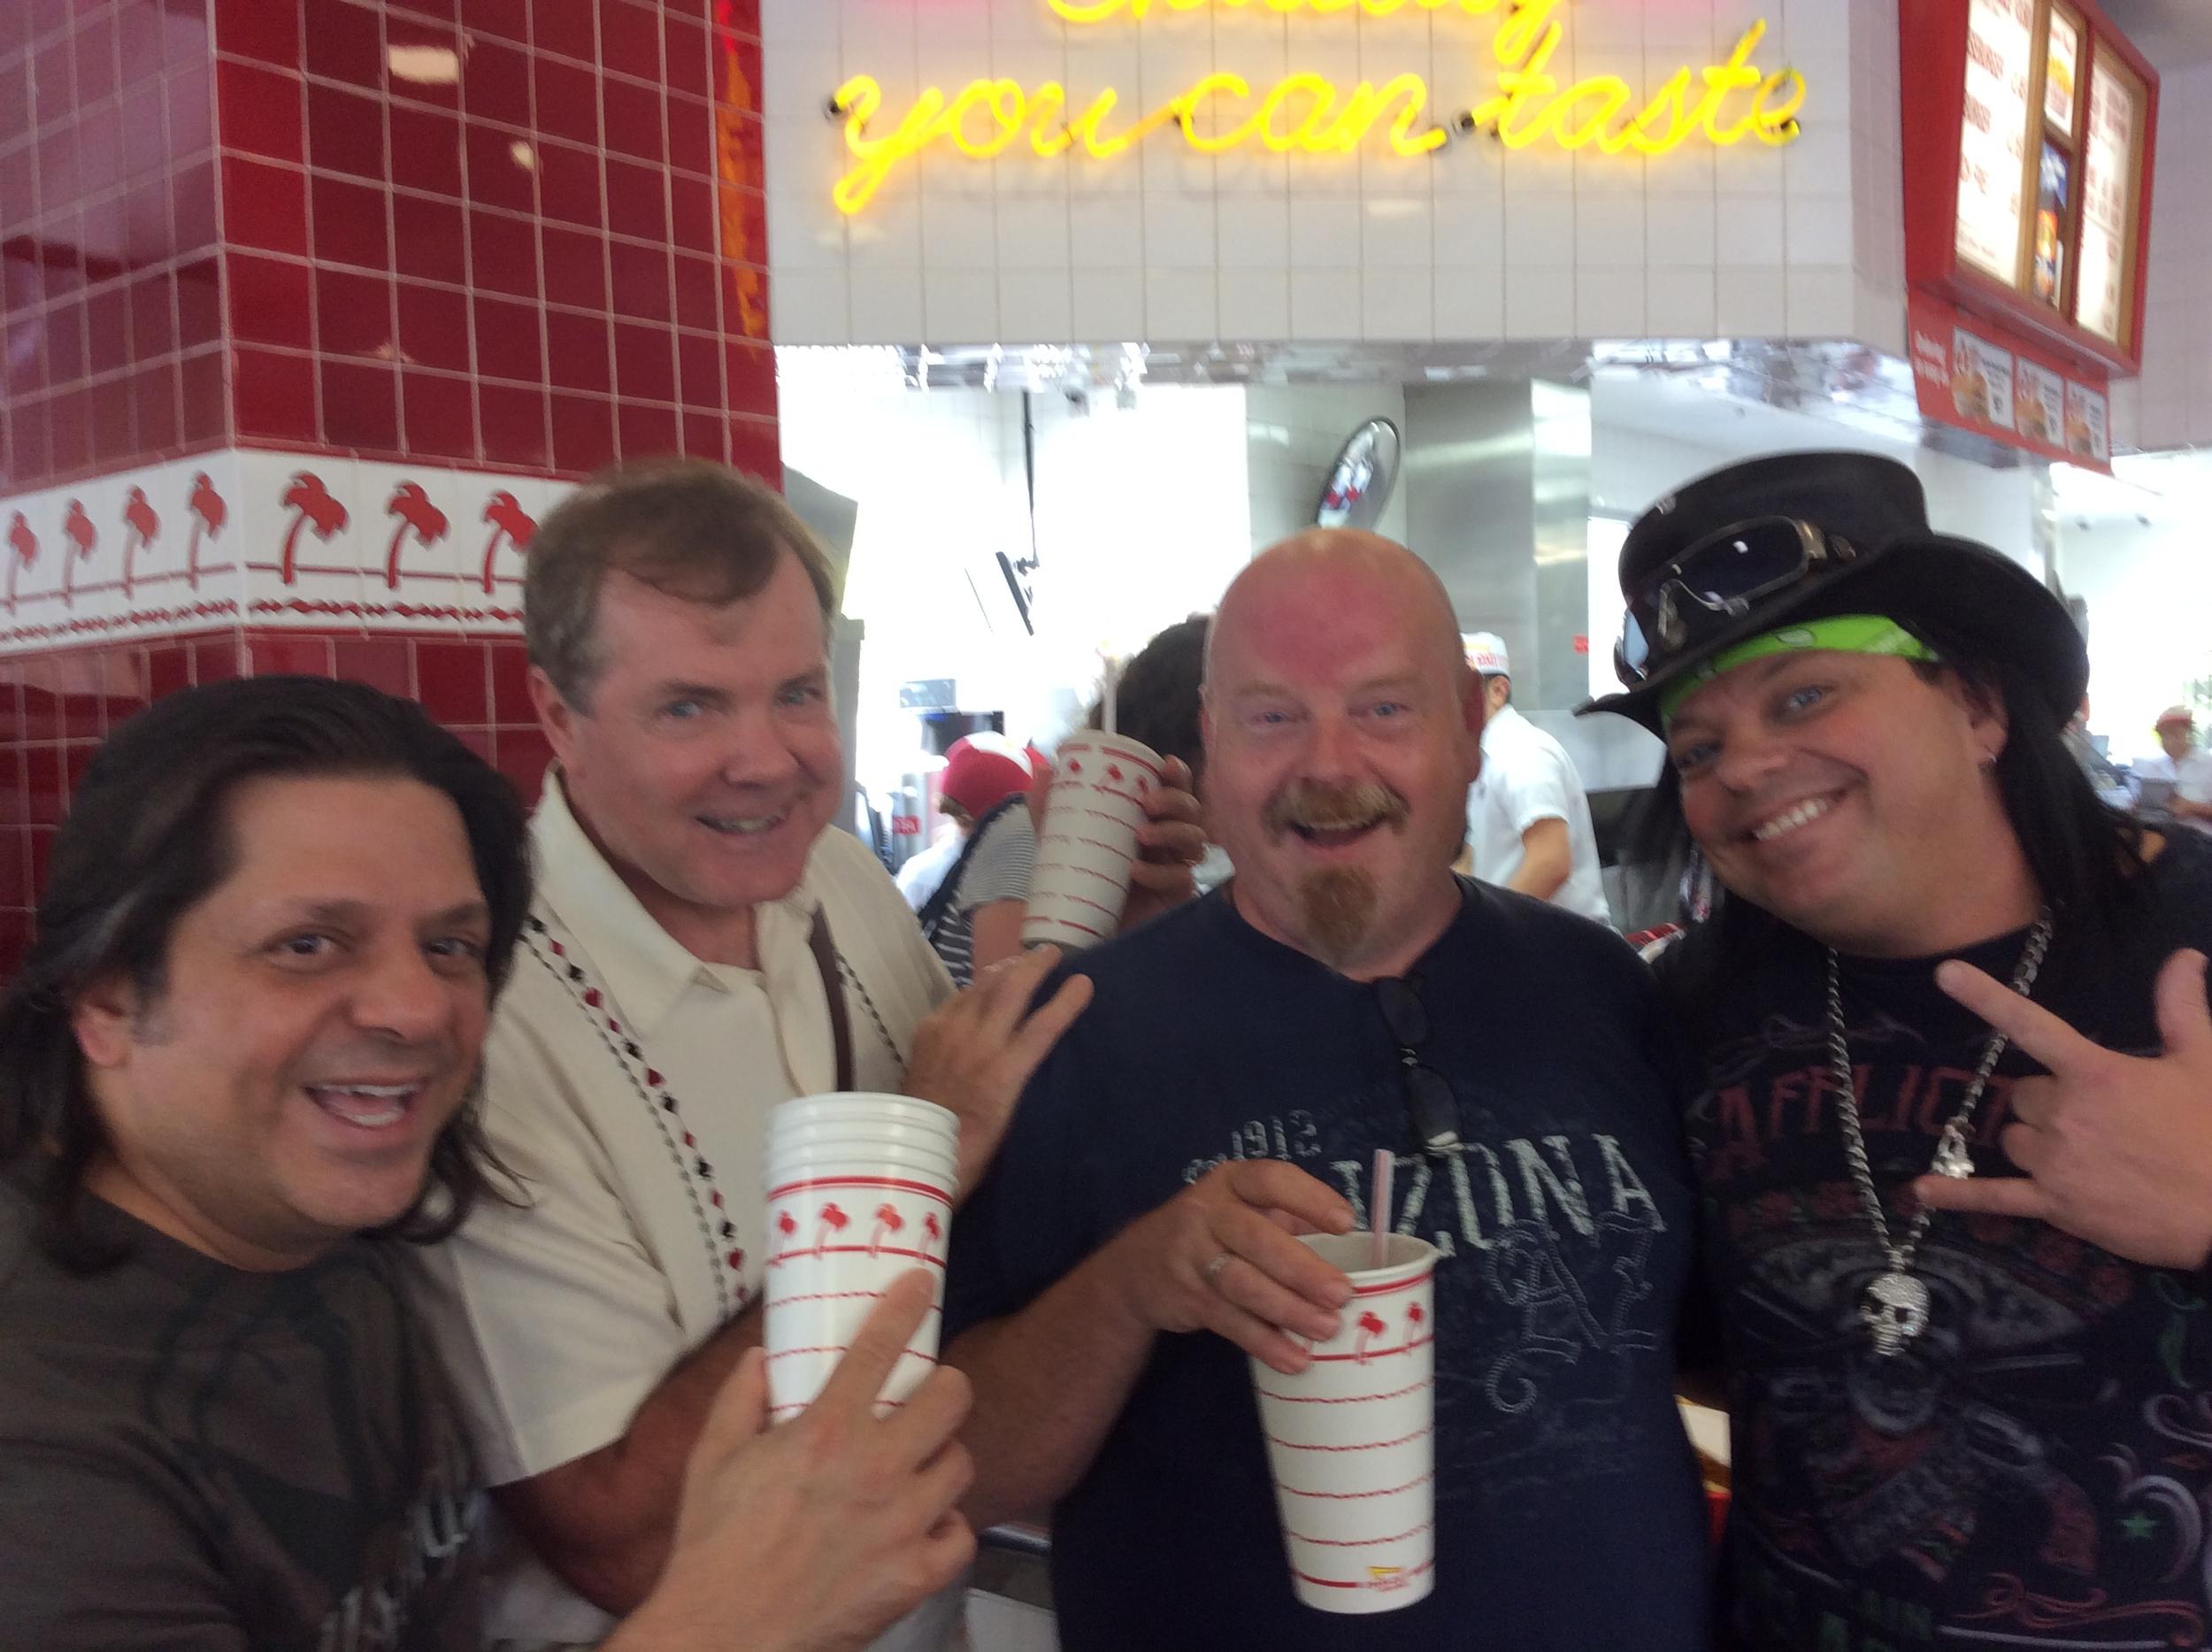 Steve Chezaday, Scott, Lanny Kibbey and Michael Trixx